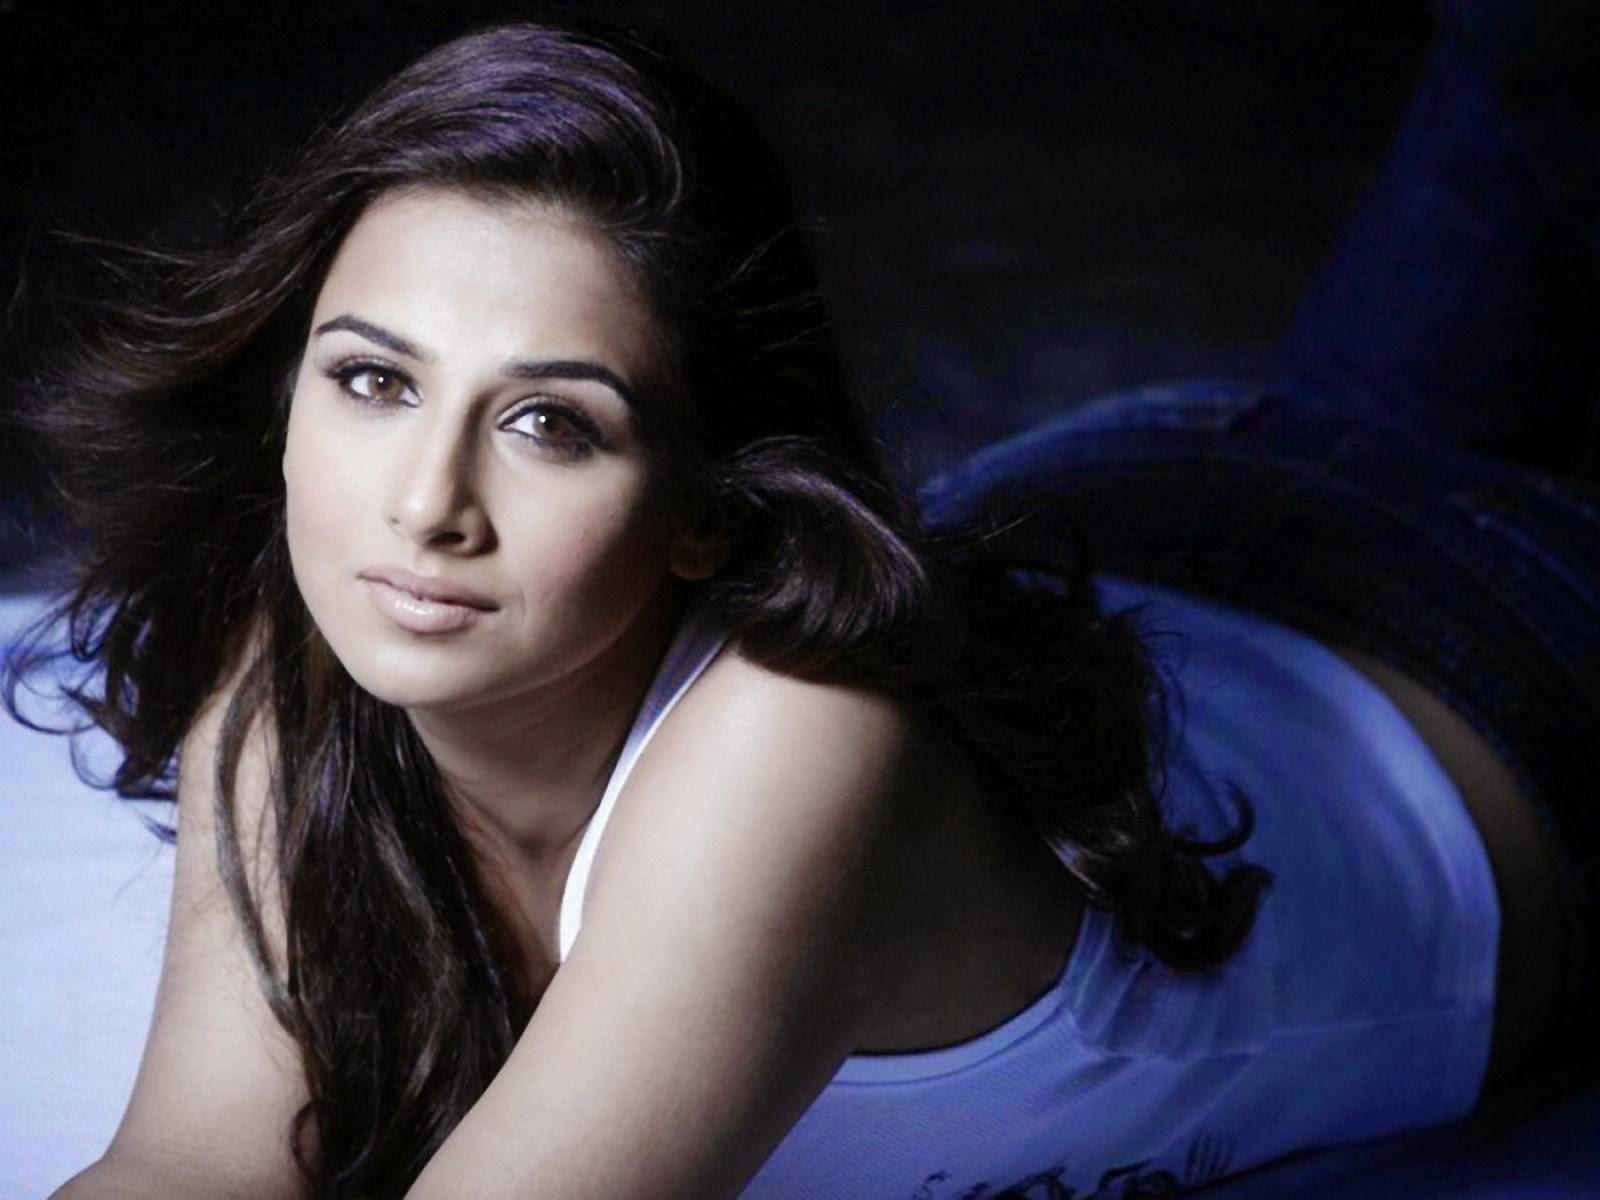 Photos Bollywood Pix4World Photos Vidya Balan Chaudes Et Sexy Hd-7295